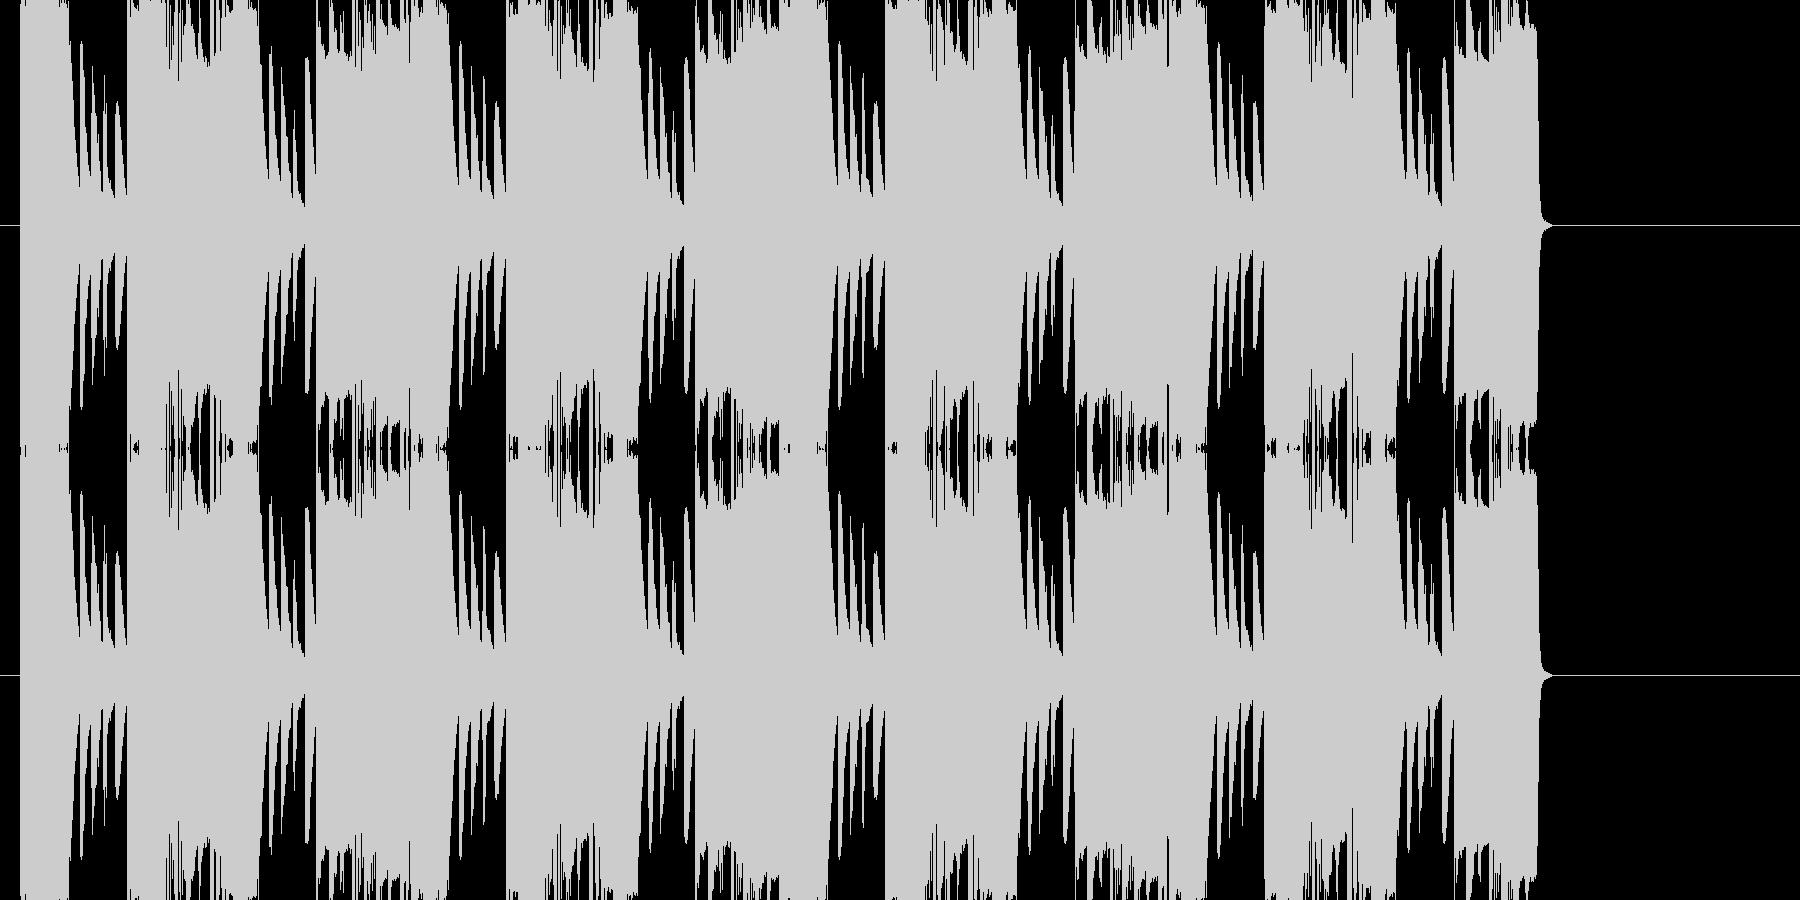 フリーゲームのイントロっぽい曲の未再生の波形